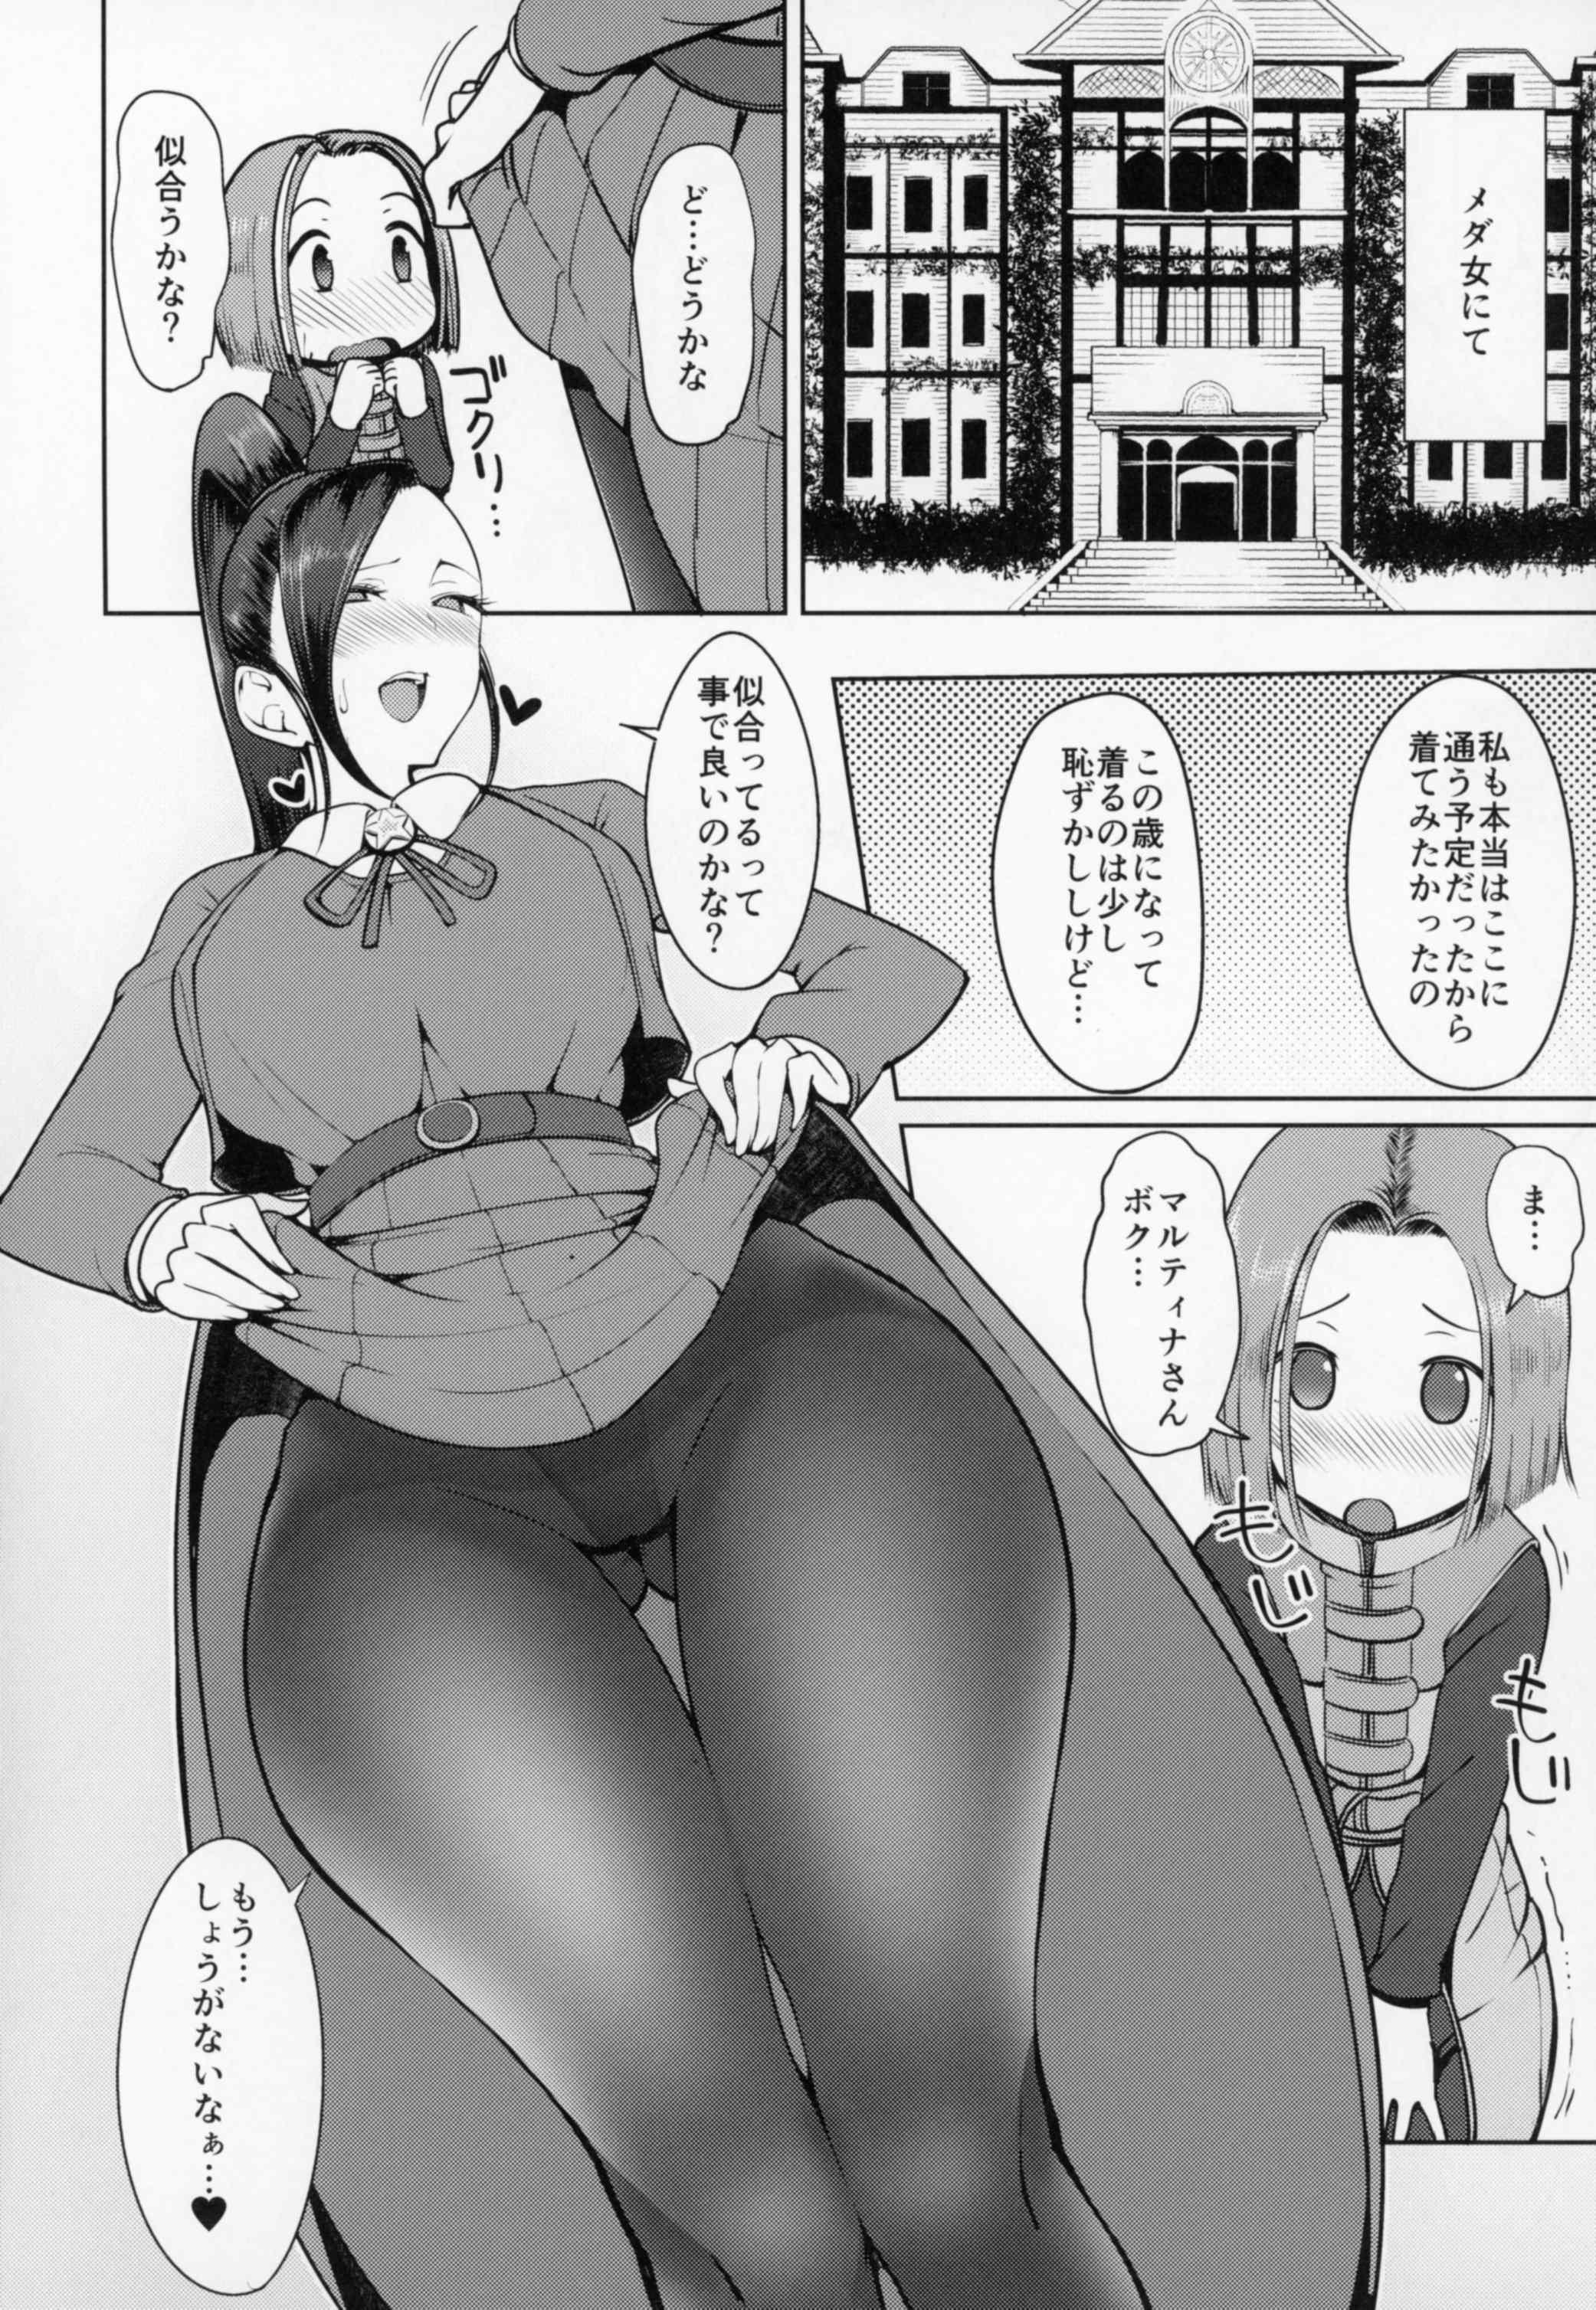 【ドラクエⅪ エロ漫画・エロ同人】魔物の呪いでショタになった勇者に母性を掻き立てられたのかおねショタSEXしまくるマルティナさん♥ (13)